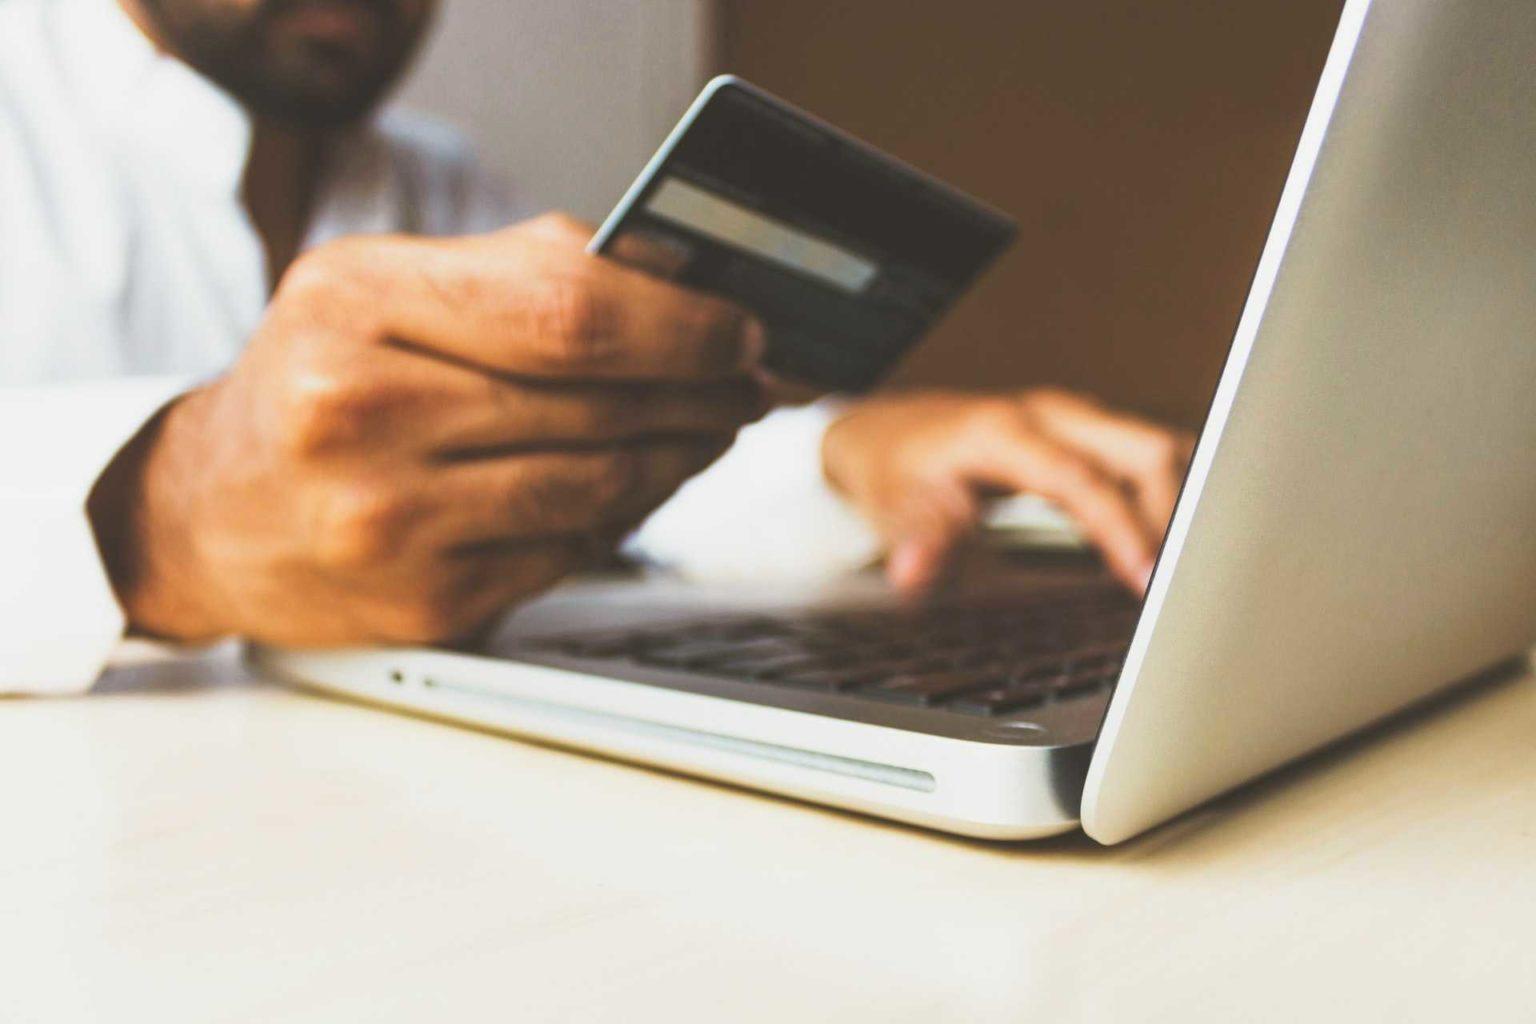 Πώς θα κάνεις online shopping με το μικρότερο δυνατό waste;